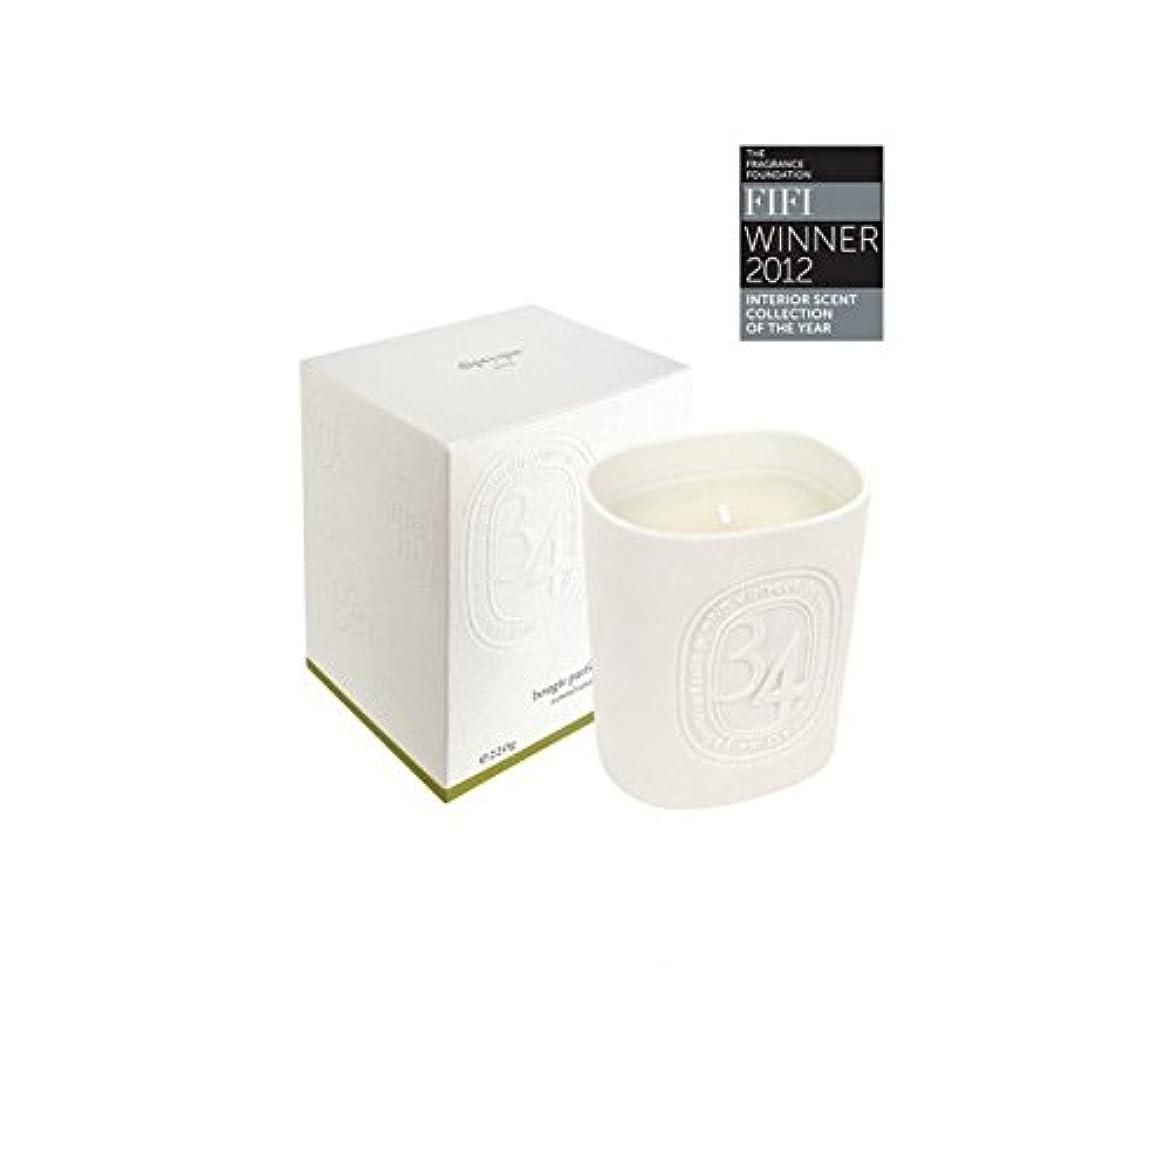 はっきりしない少数脱走Diptyque Collection 34 Boulevard Saint Germain Candle 220g (Pack of 2) - Diptyqueコレクション34大通りサンジェルマンキャンドル220グラム (x2) [並行輸入品]